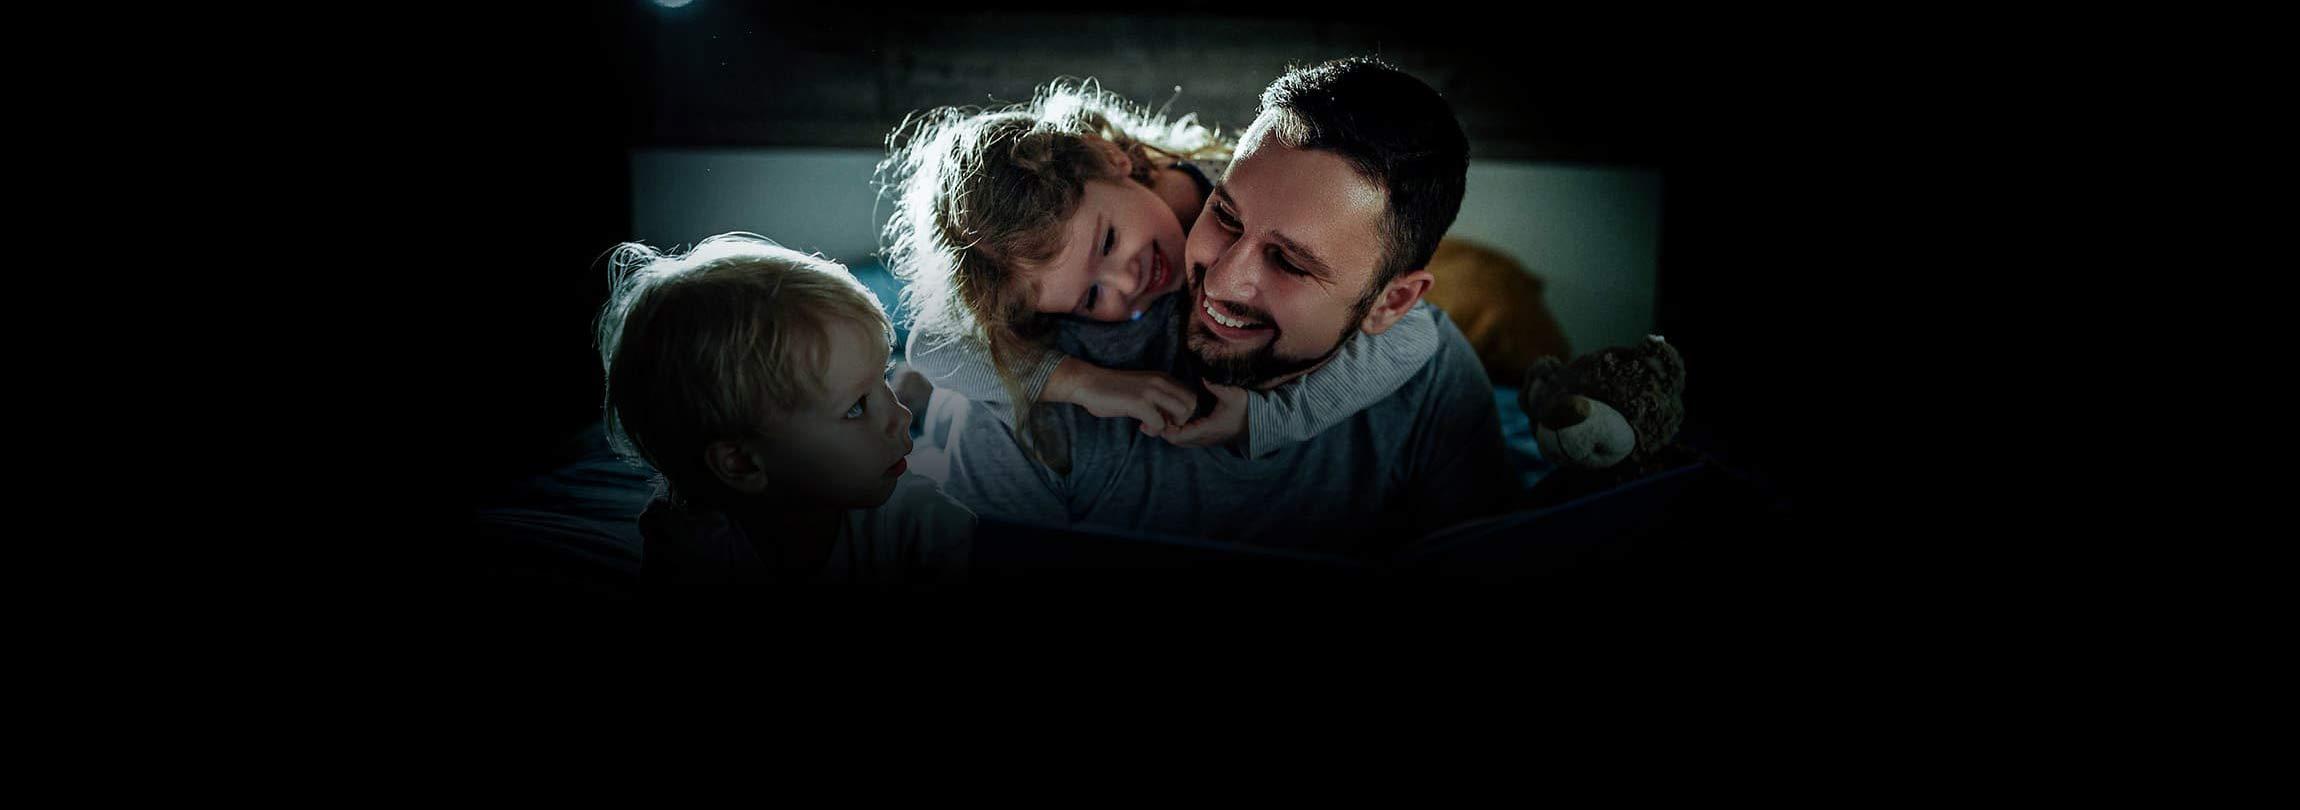 """Pais de família: os """"grandes aventureiros do mundo moderno"""""""